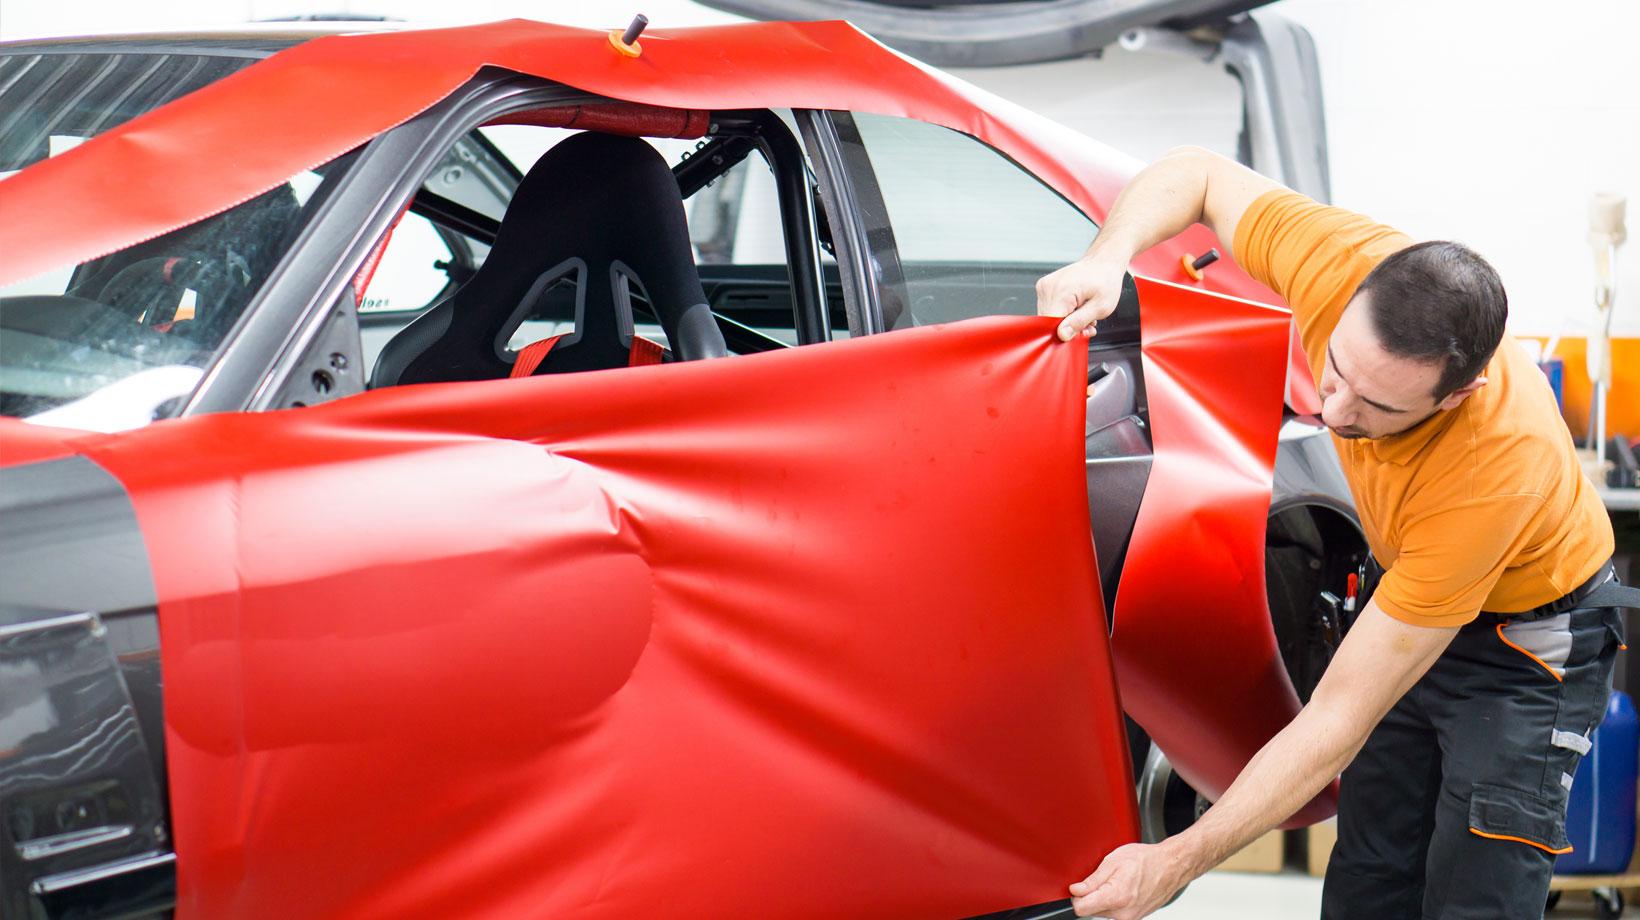 Эффективна ли оклейка автомобиля для рекламы?